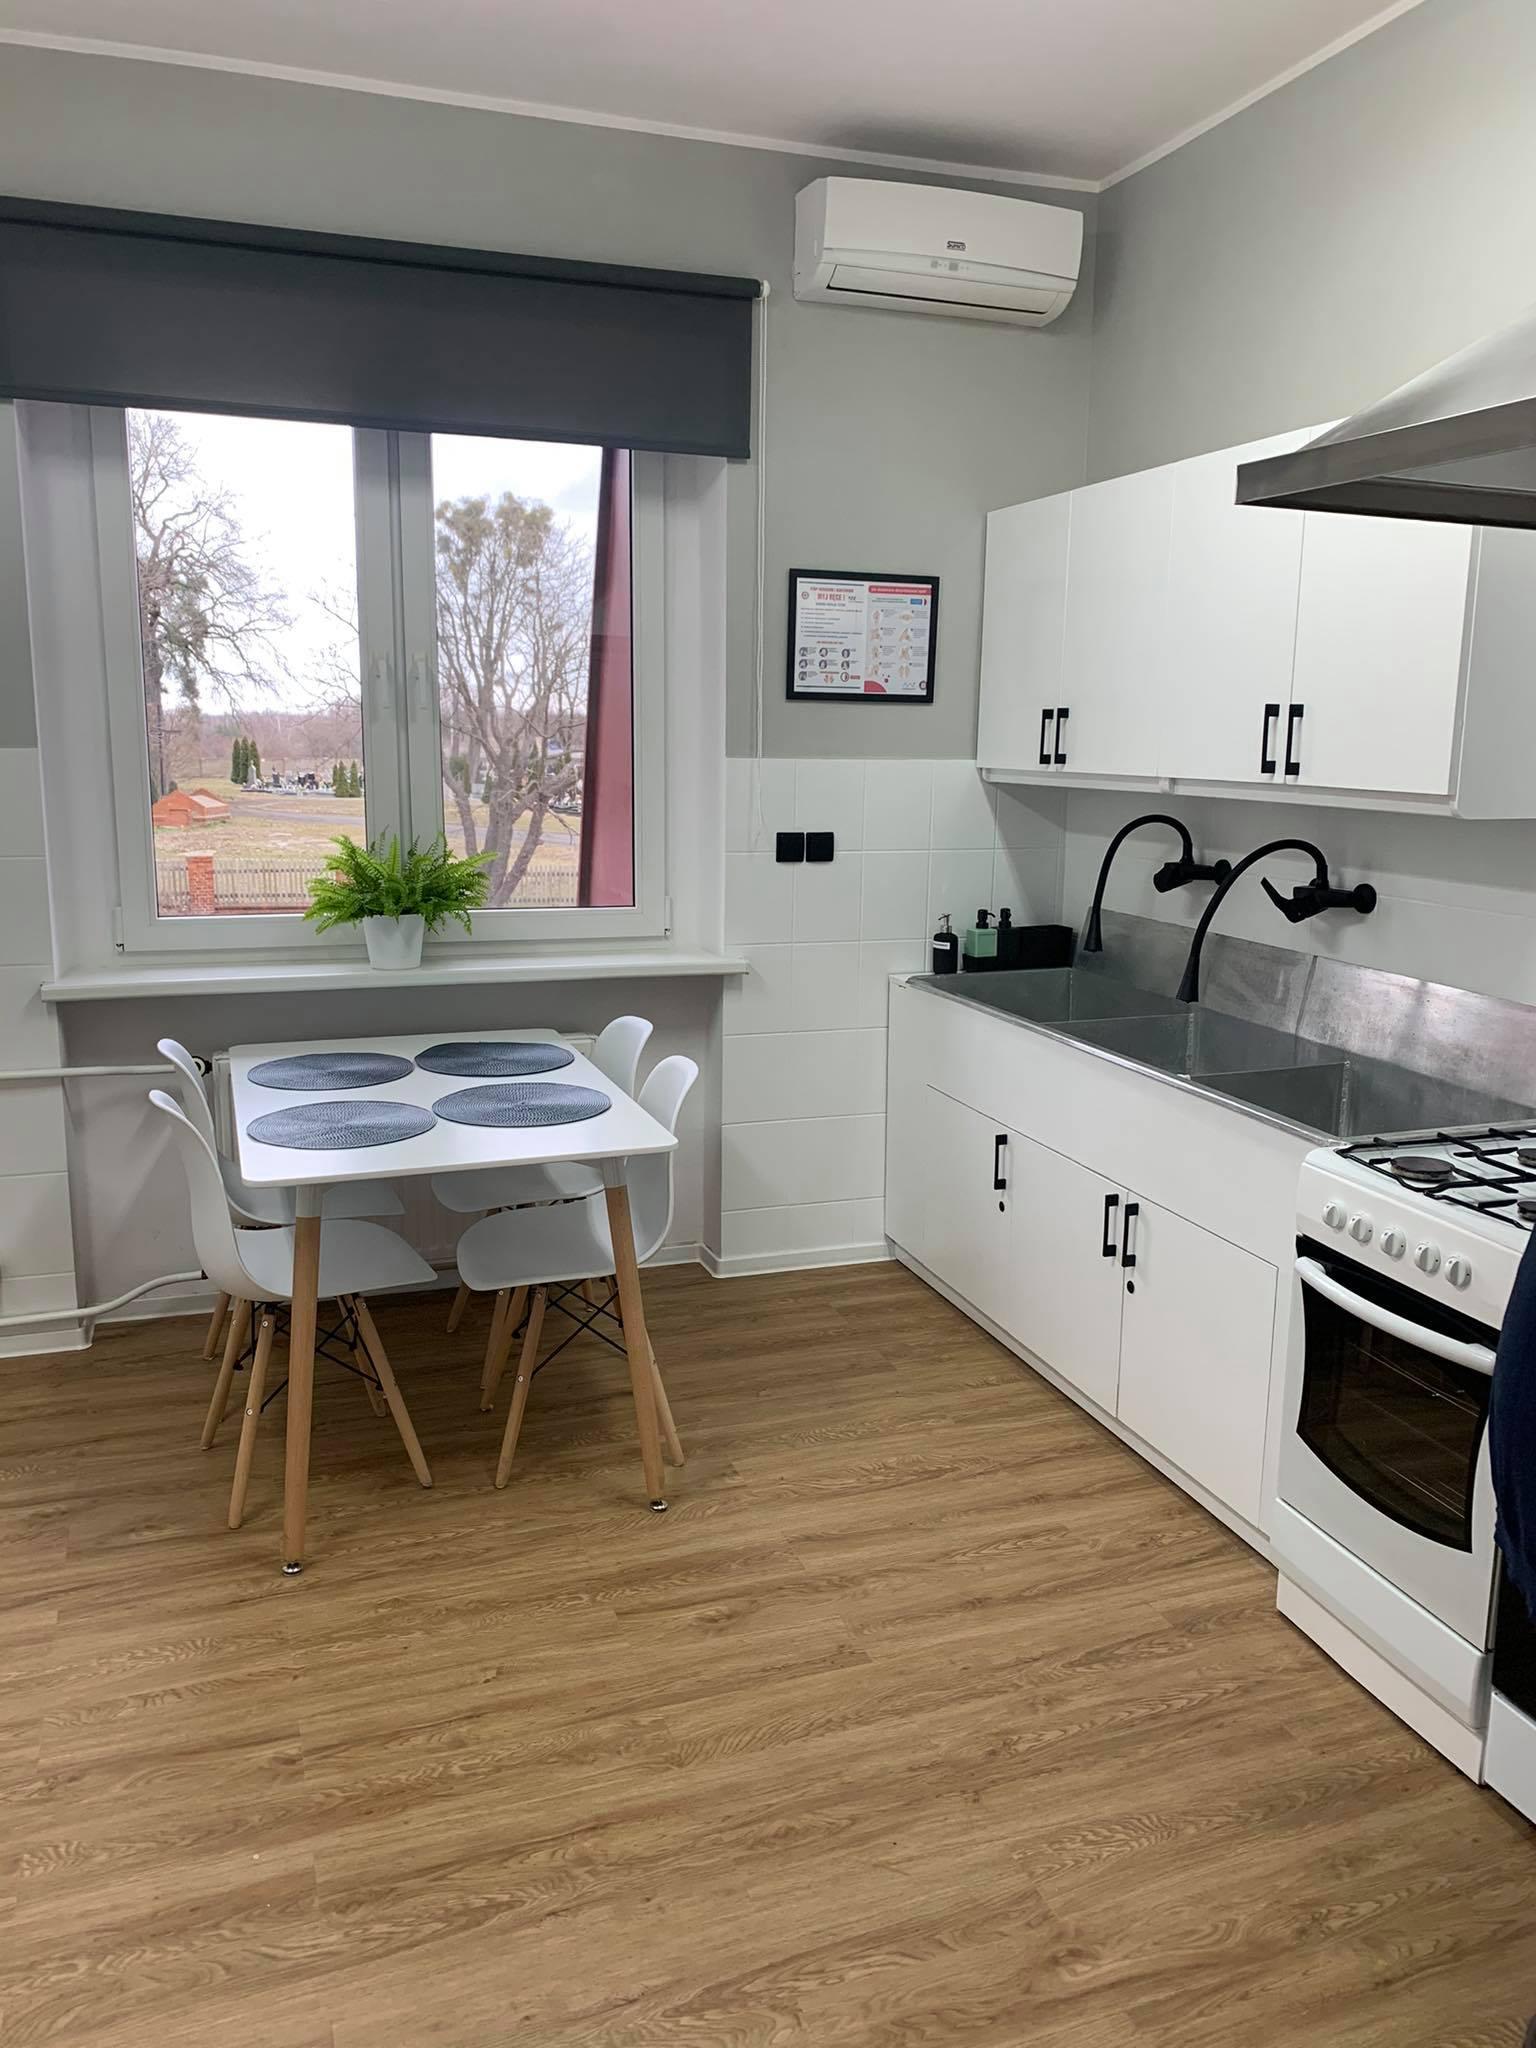 obraz przedstawia kuchnię